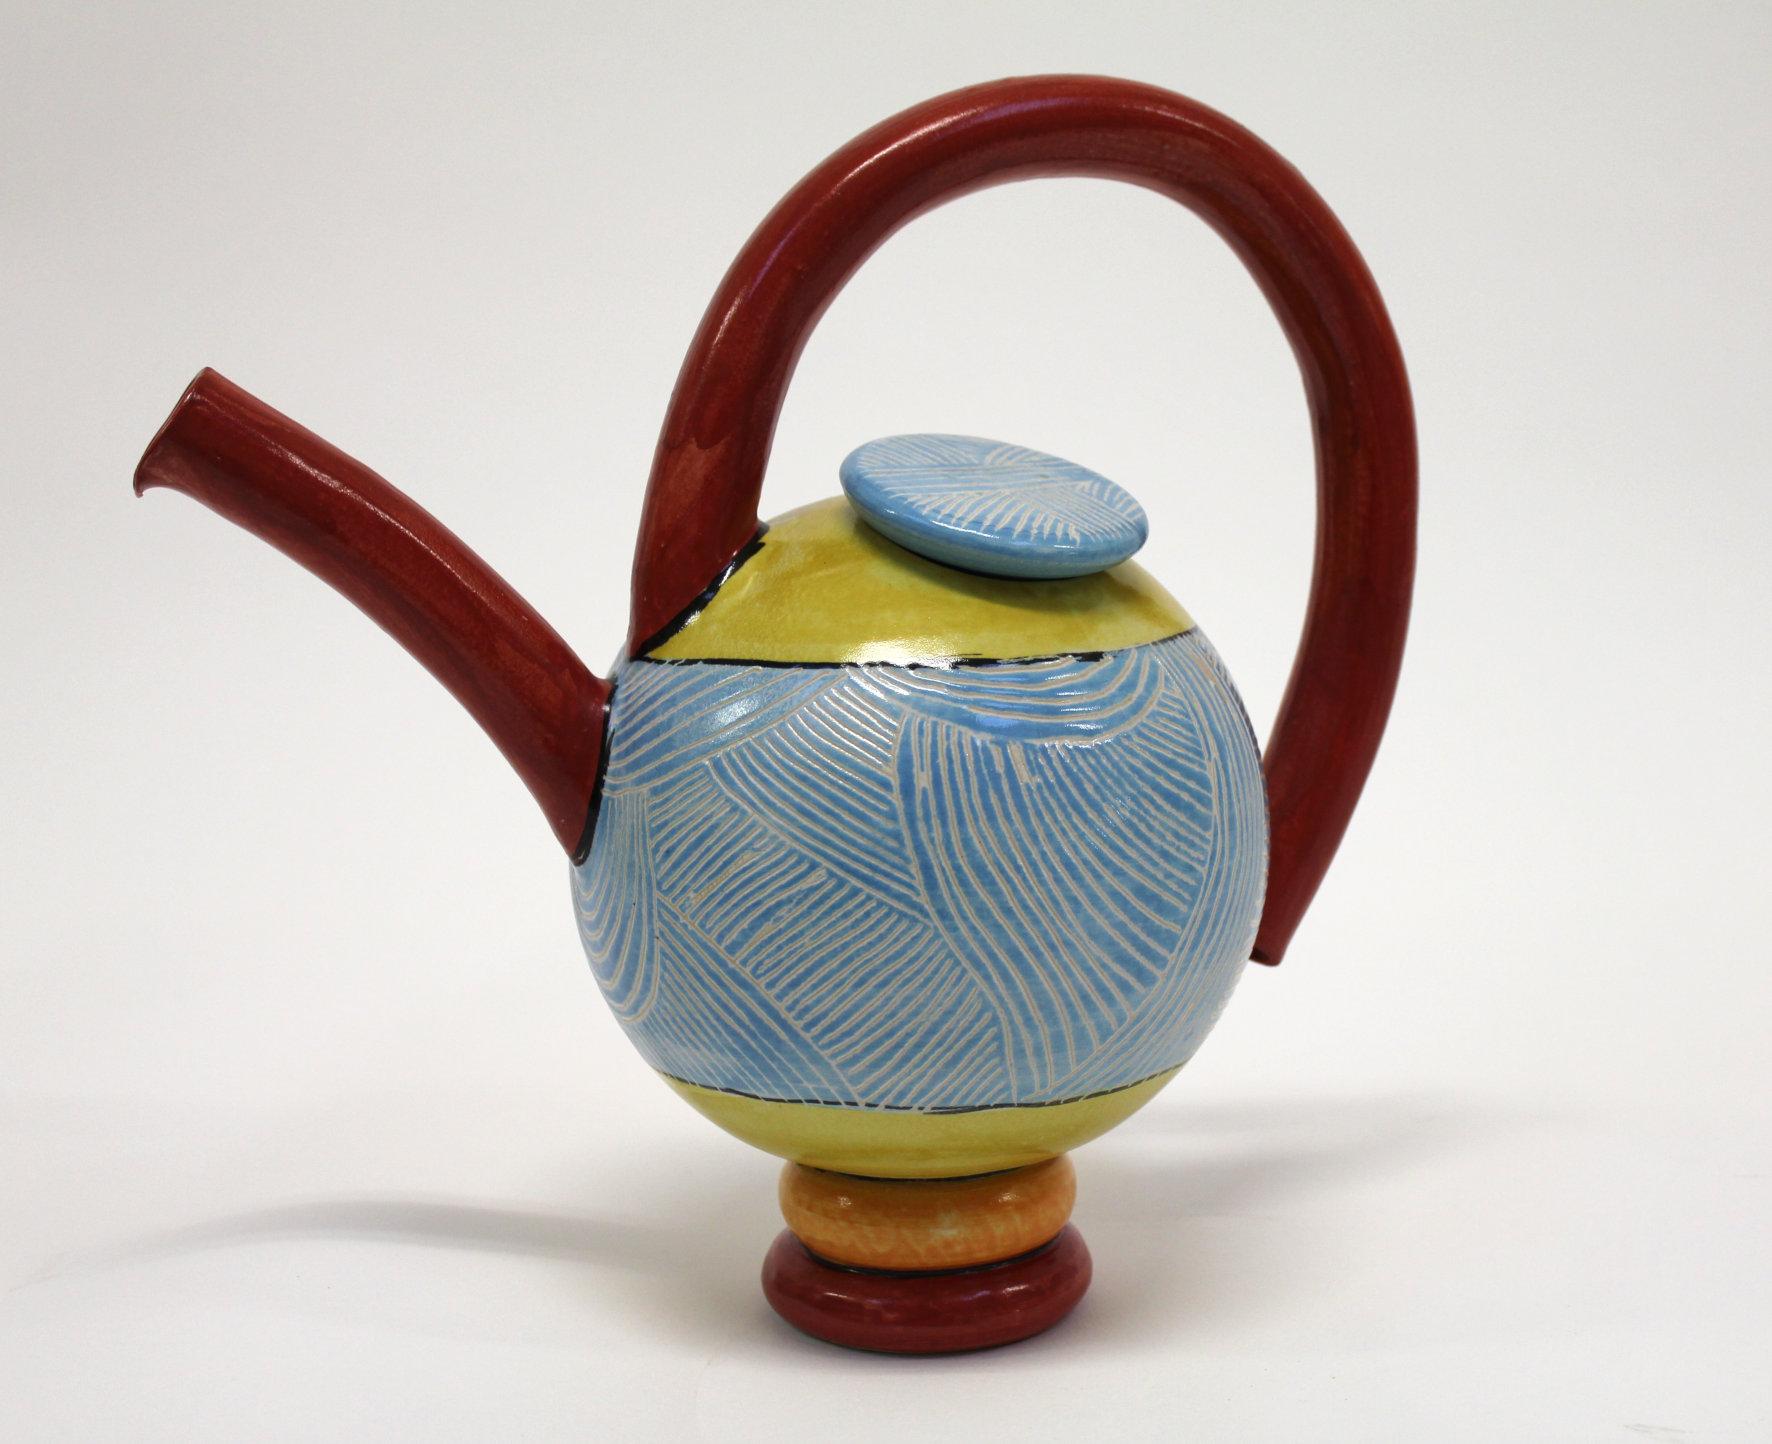 Keramik Teekanne von Guido Kratz aus Hannover